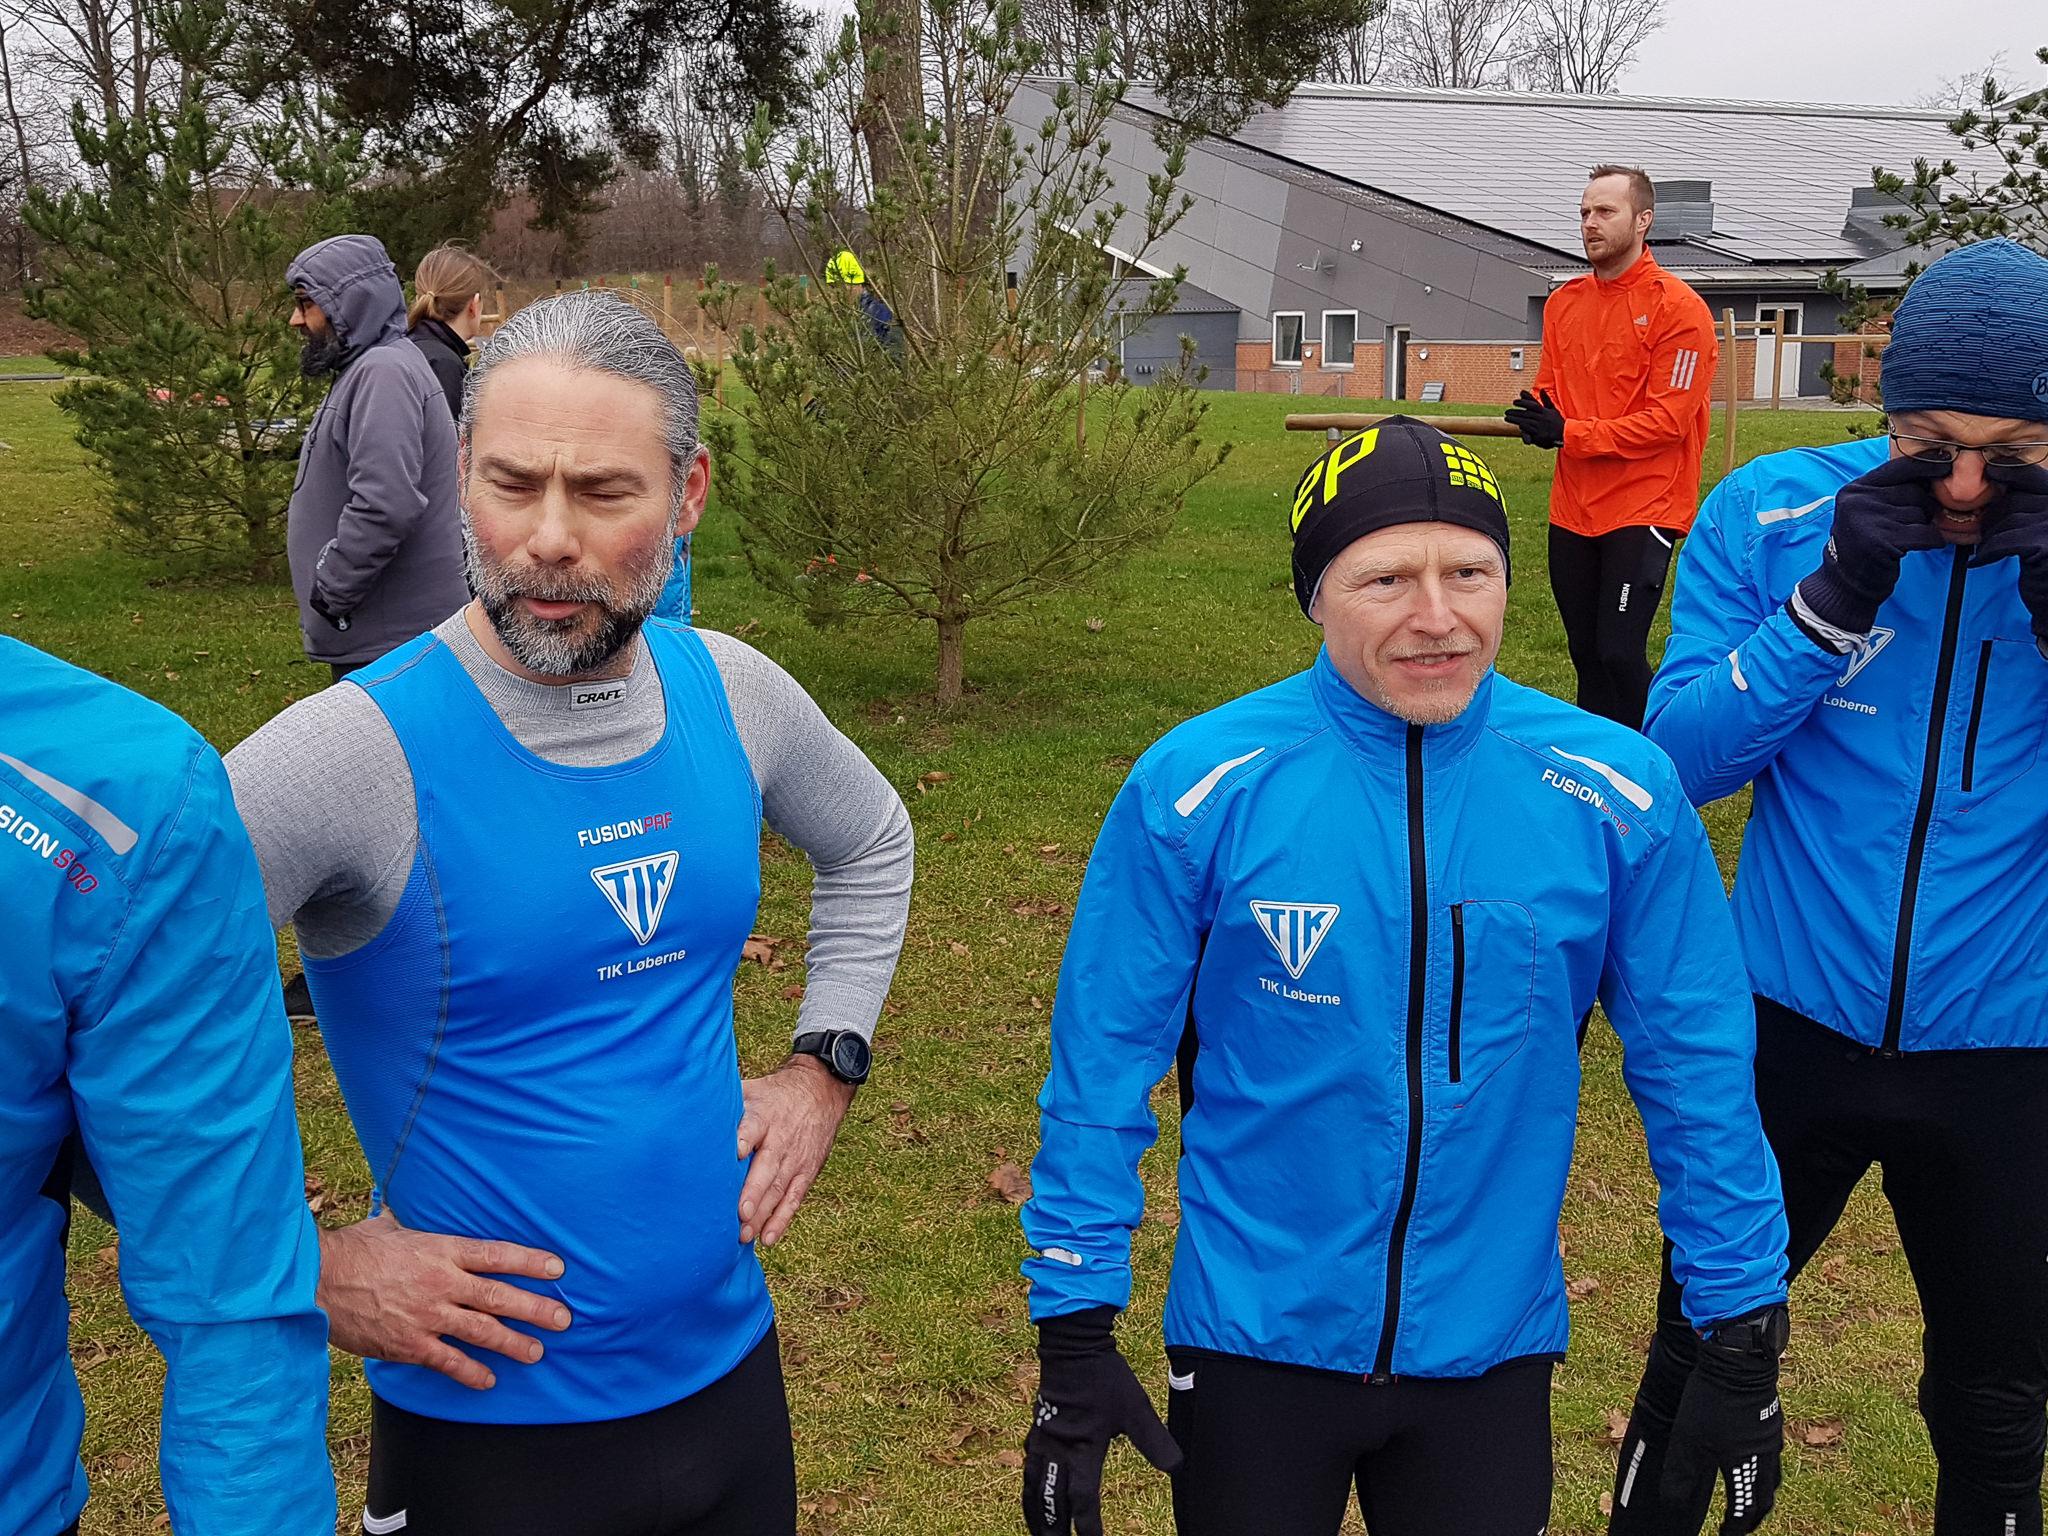 2020-02-09-020-Taastrup-Løbet-2020-02